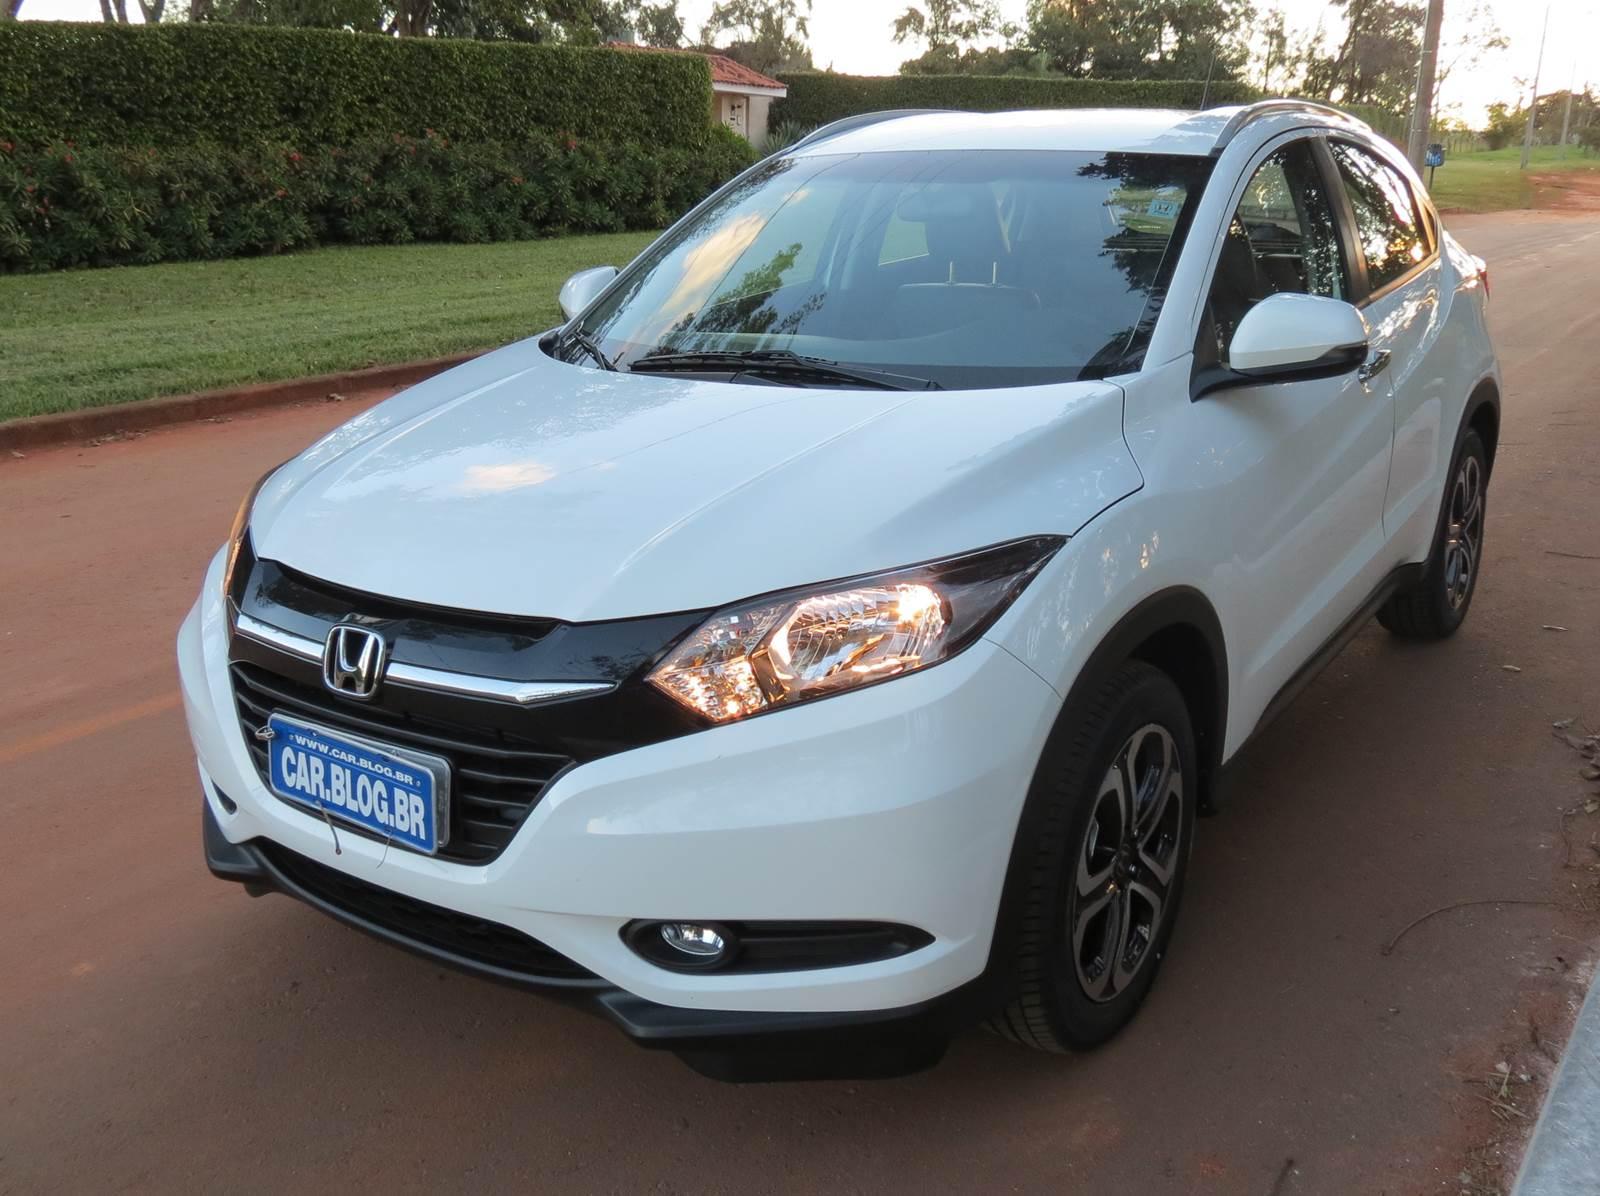 Honda HR-V : SUV mais vendido do Brasil em 2015